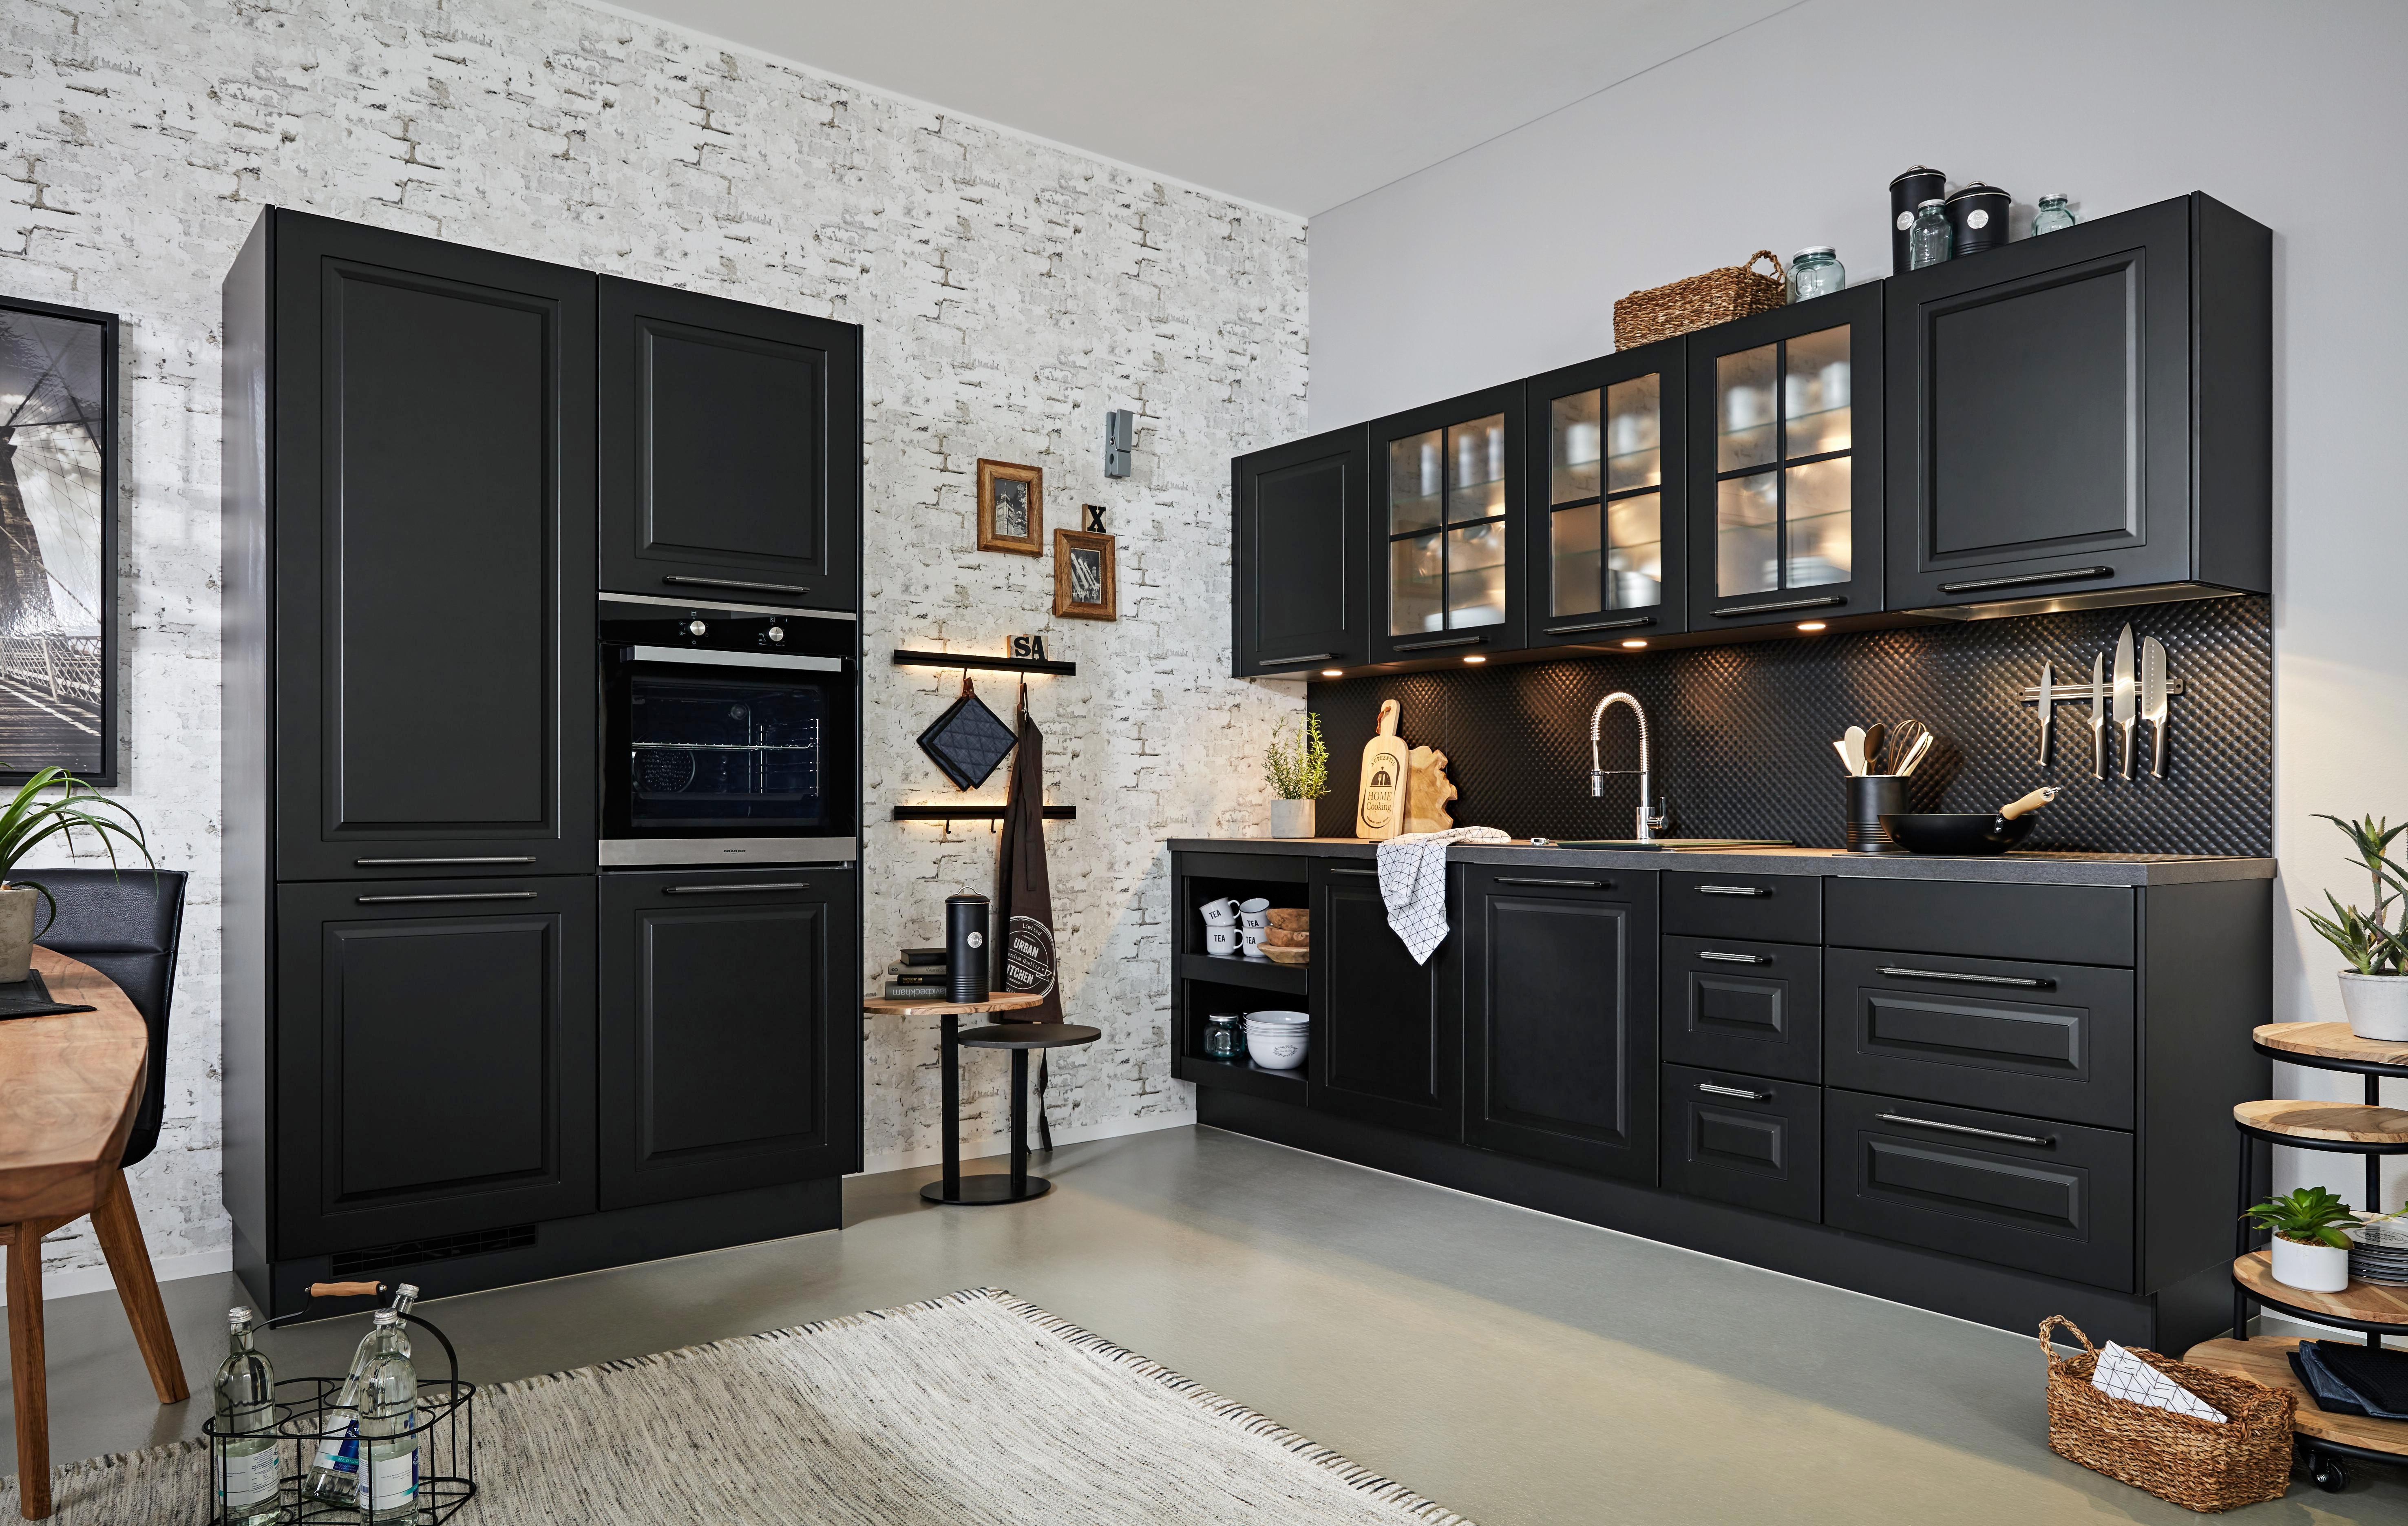 Schön Lieblingsküchenschrank Lackfarben Fotos - Ideen Für Die Küche ...